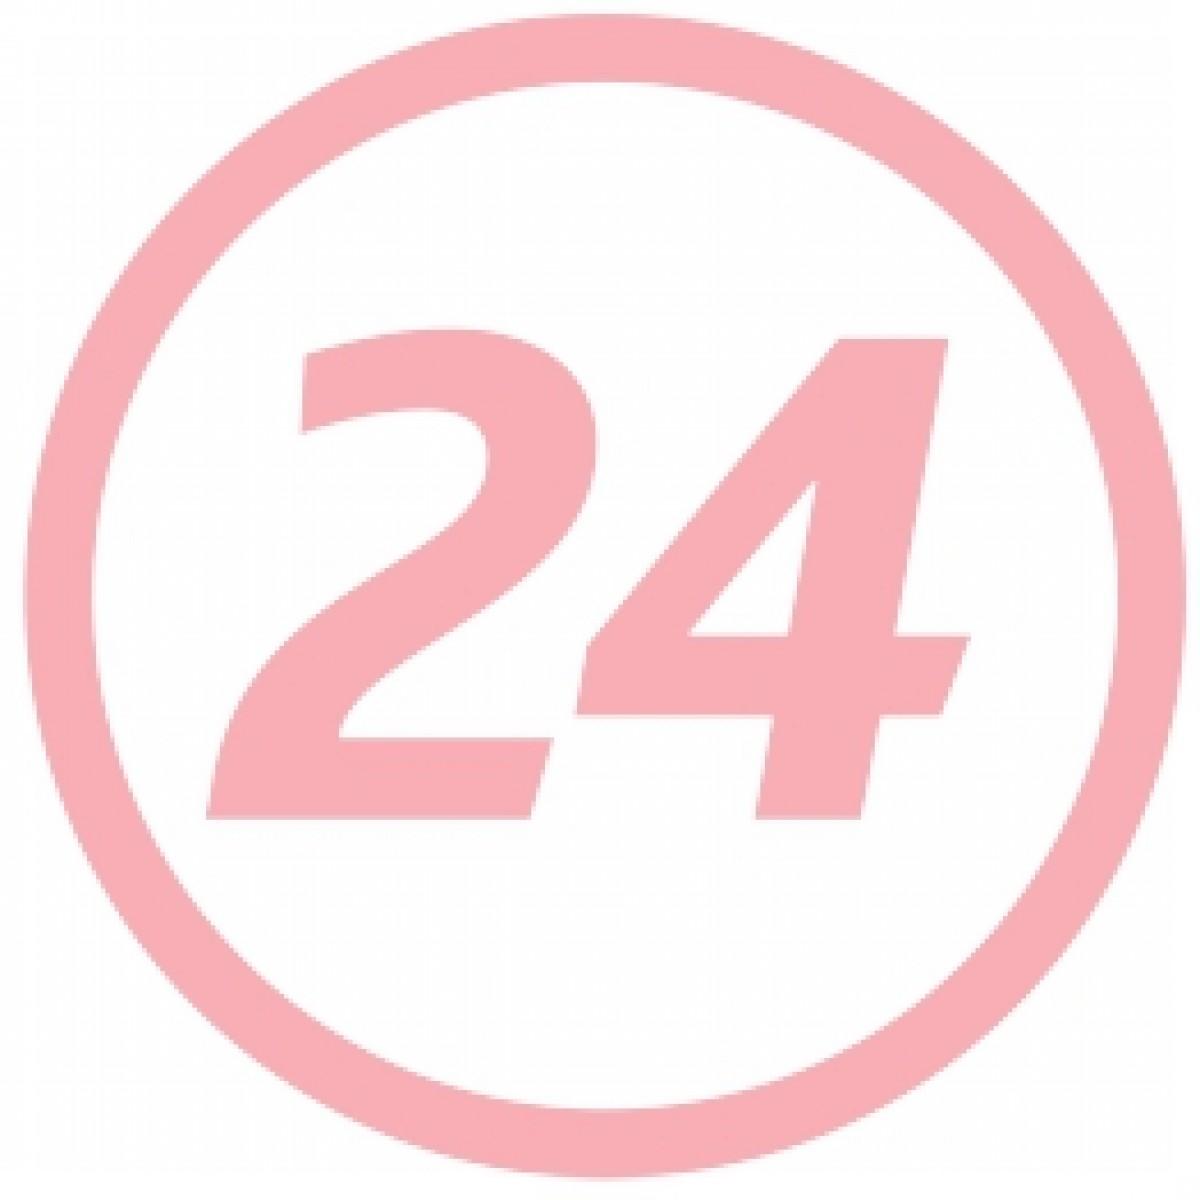 MUSTELA Maternite Ser Pentru Corectia Vergeturilor, Ser, 75ml